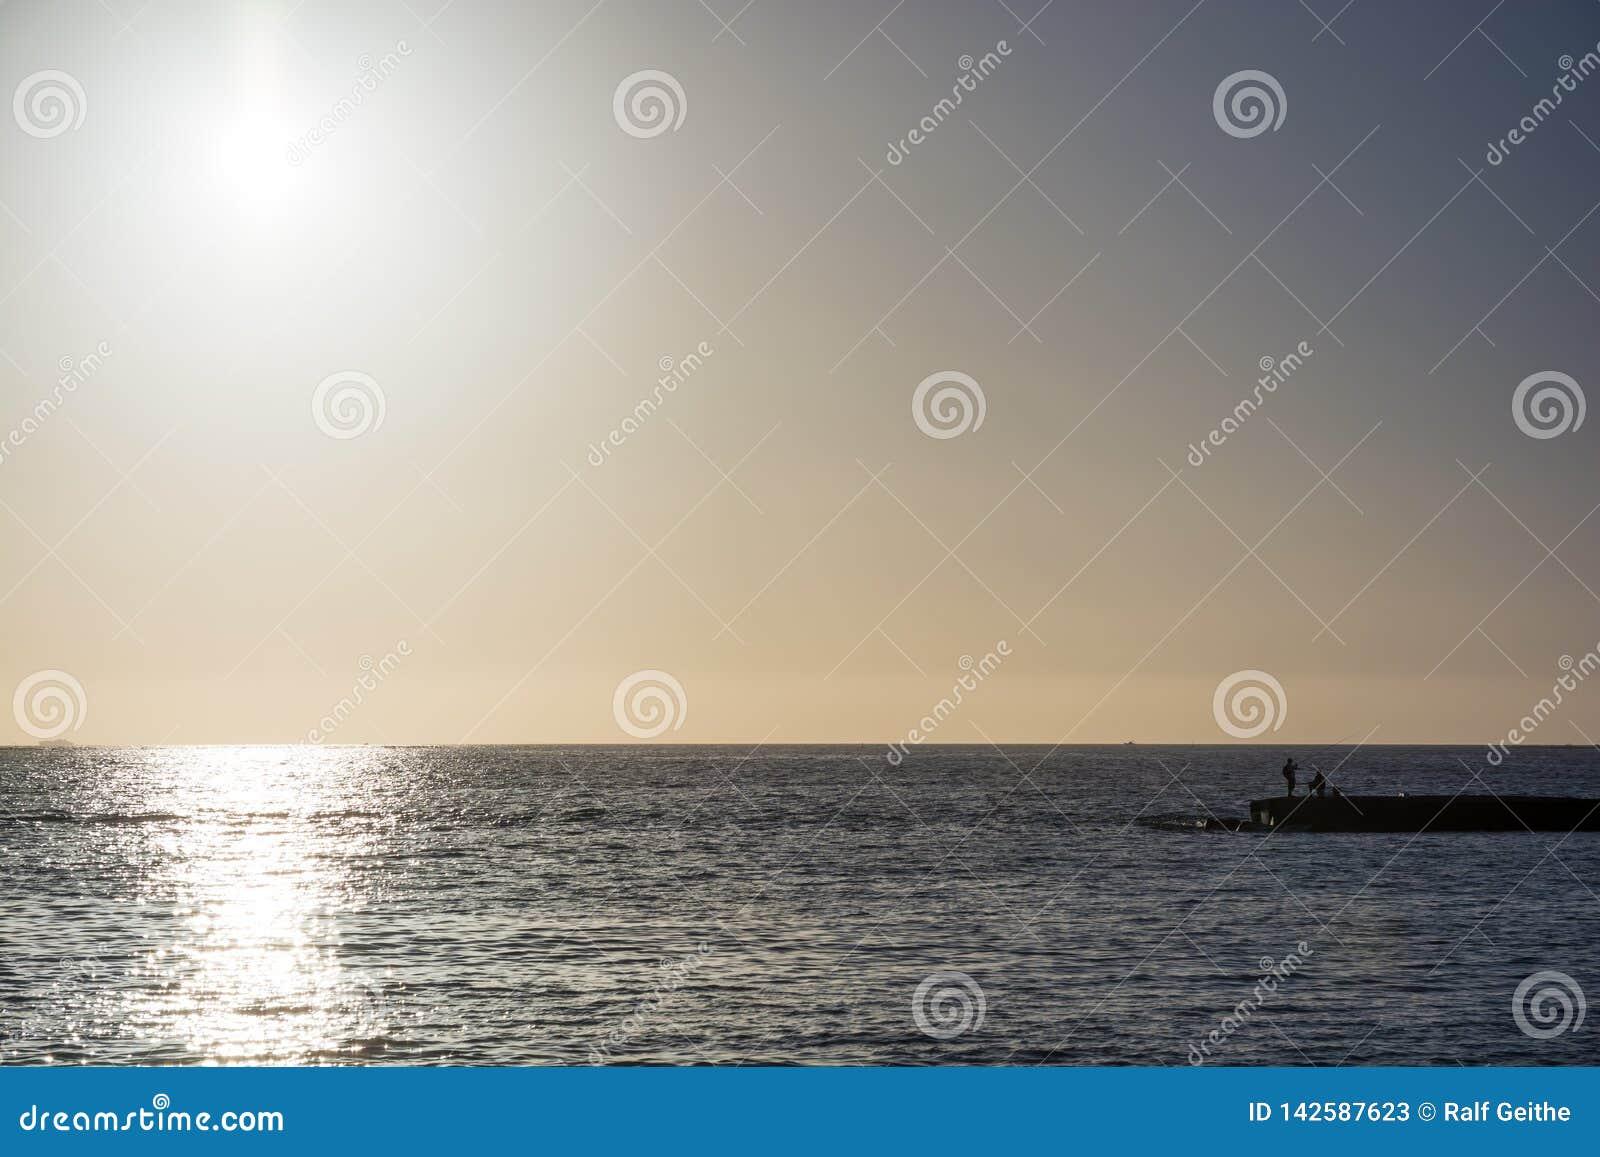 Ver van van een oceaan bij zonsondergang met vissers in de voorgrond